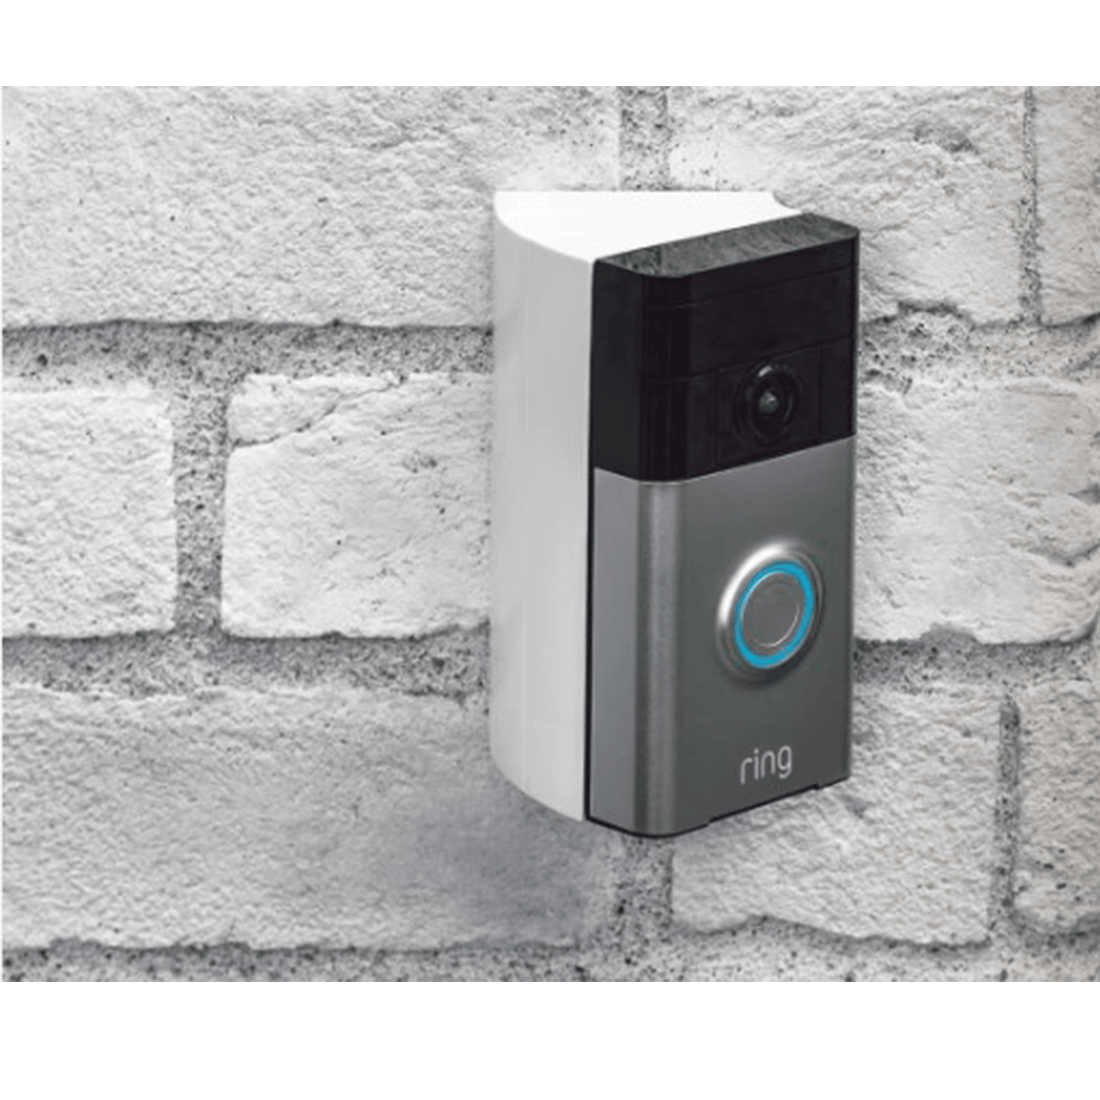 ring corner kit for video doorbell. Black Bedroom Furniture Sets. Home Design Ideas